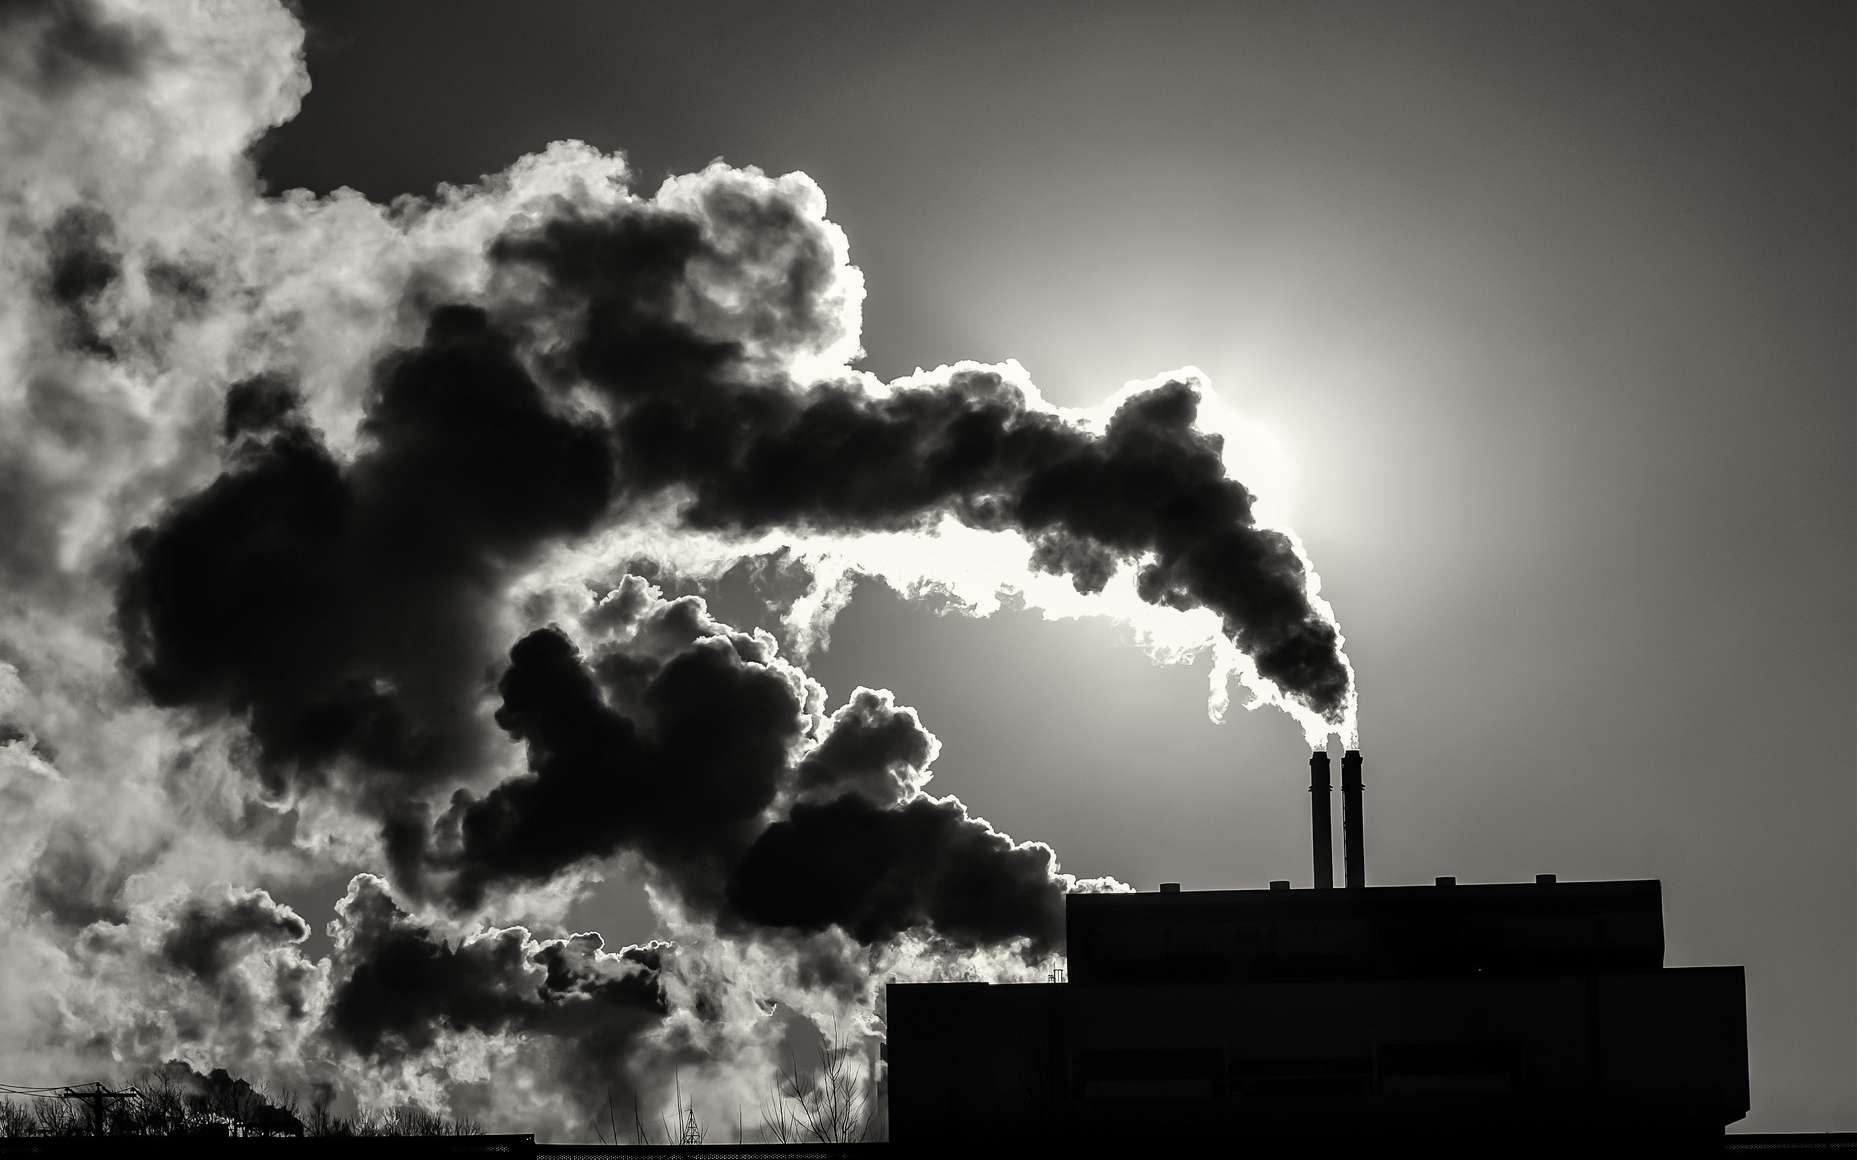 Émissions de CO2 par pays et par habitant. © Mériol Lehmann, Foter.com